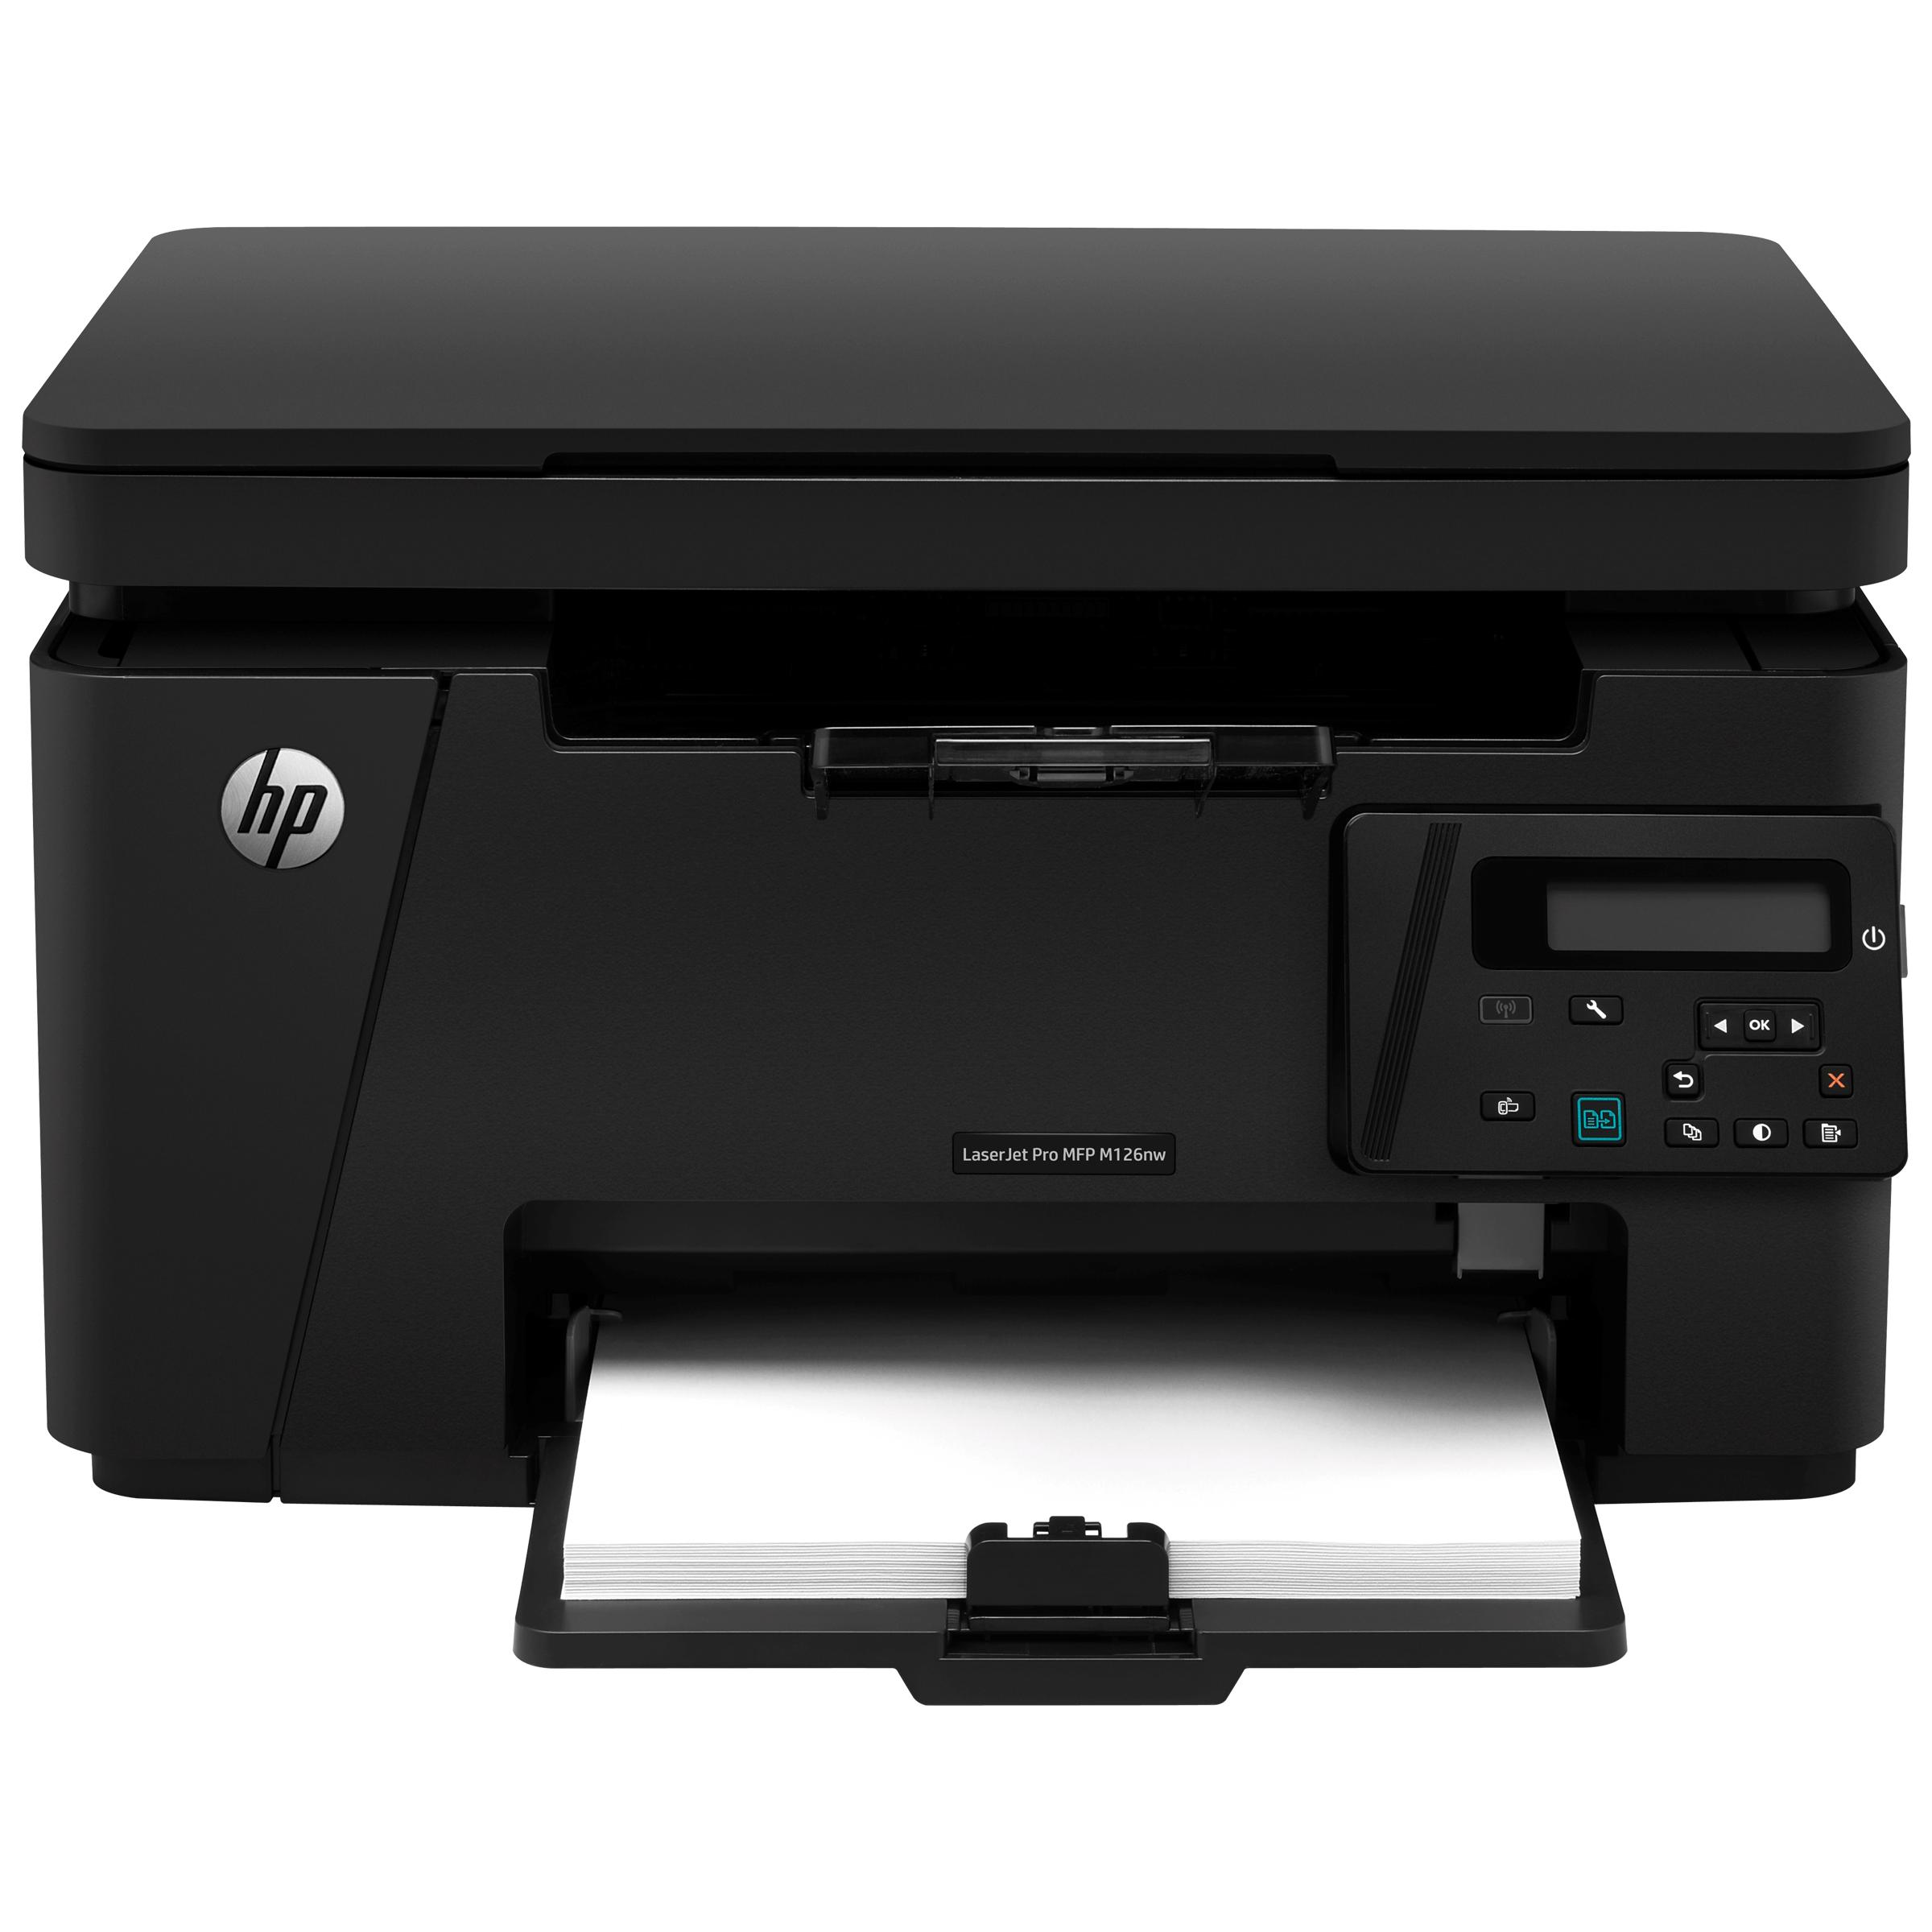 HP LaserJet Pro M126nw Wireless Black & White Multi-Function Laserjet Printer (Wireless Direct Printing, CZ175A, Black)_1